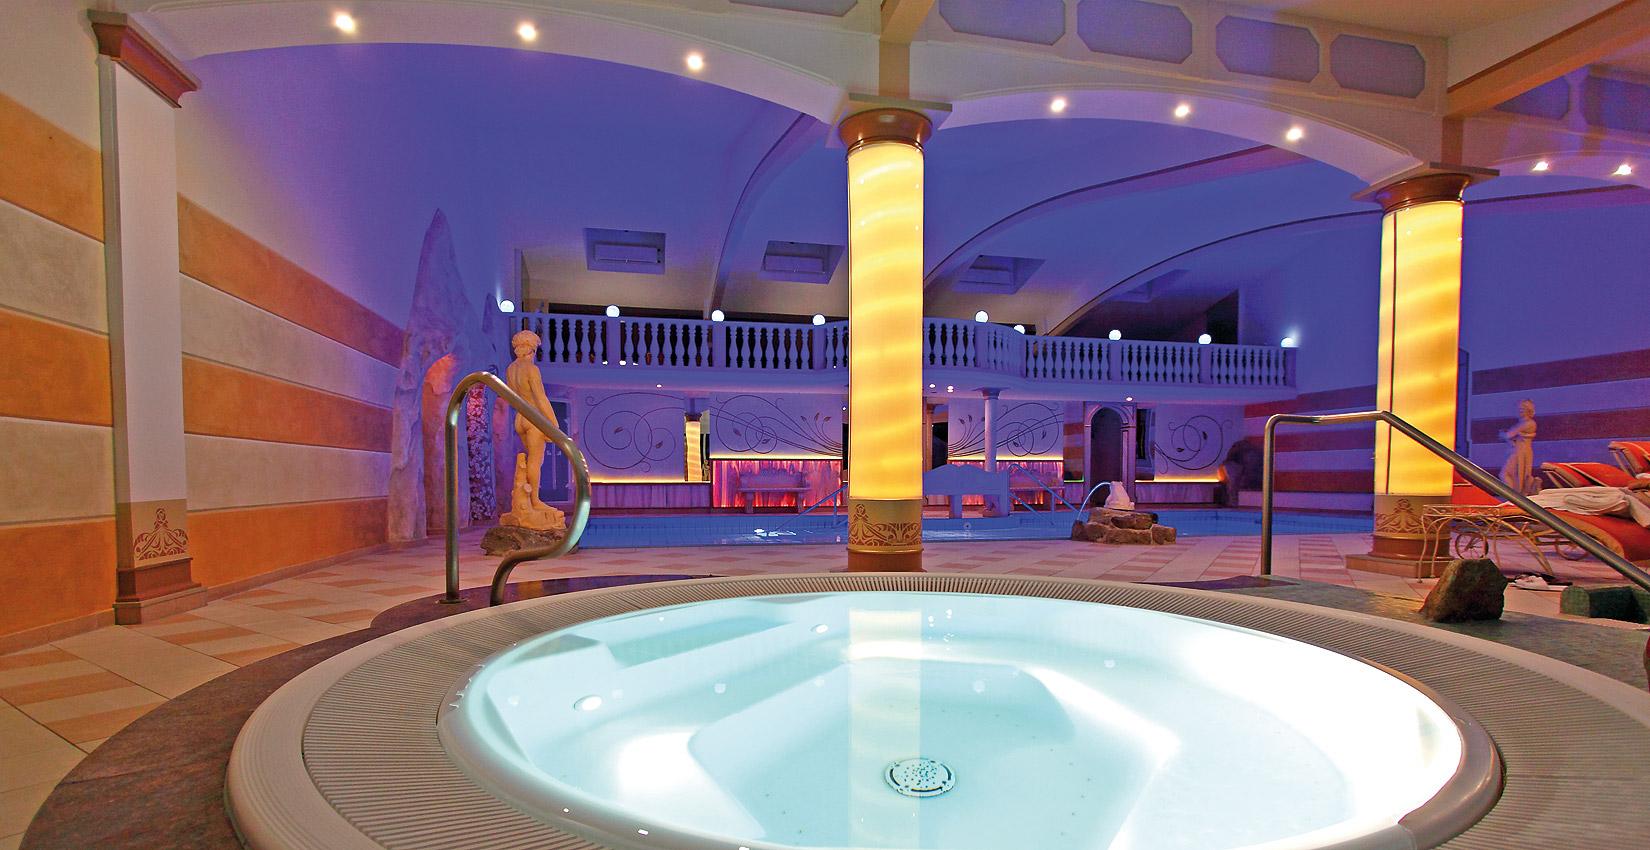 Whirlpool im Hotel Bergknappenhof